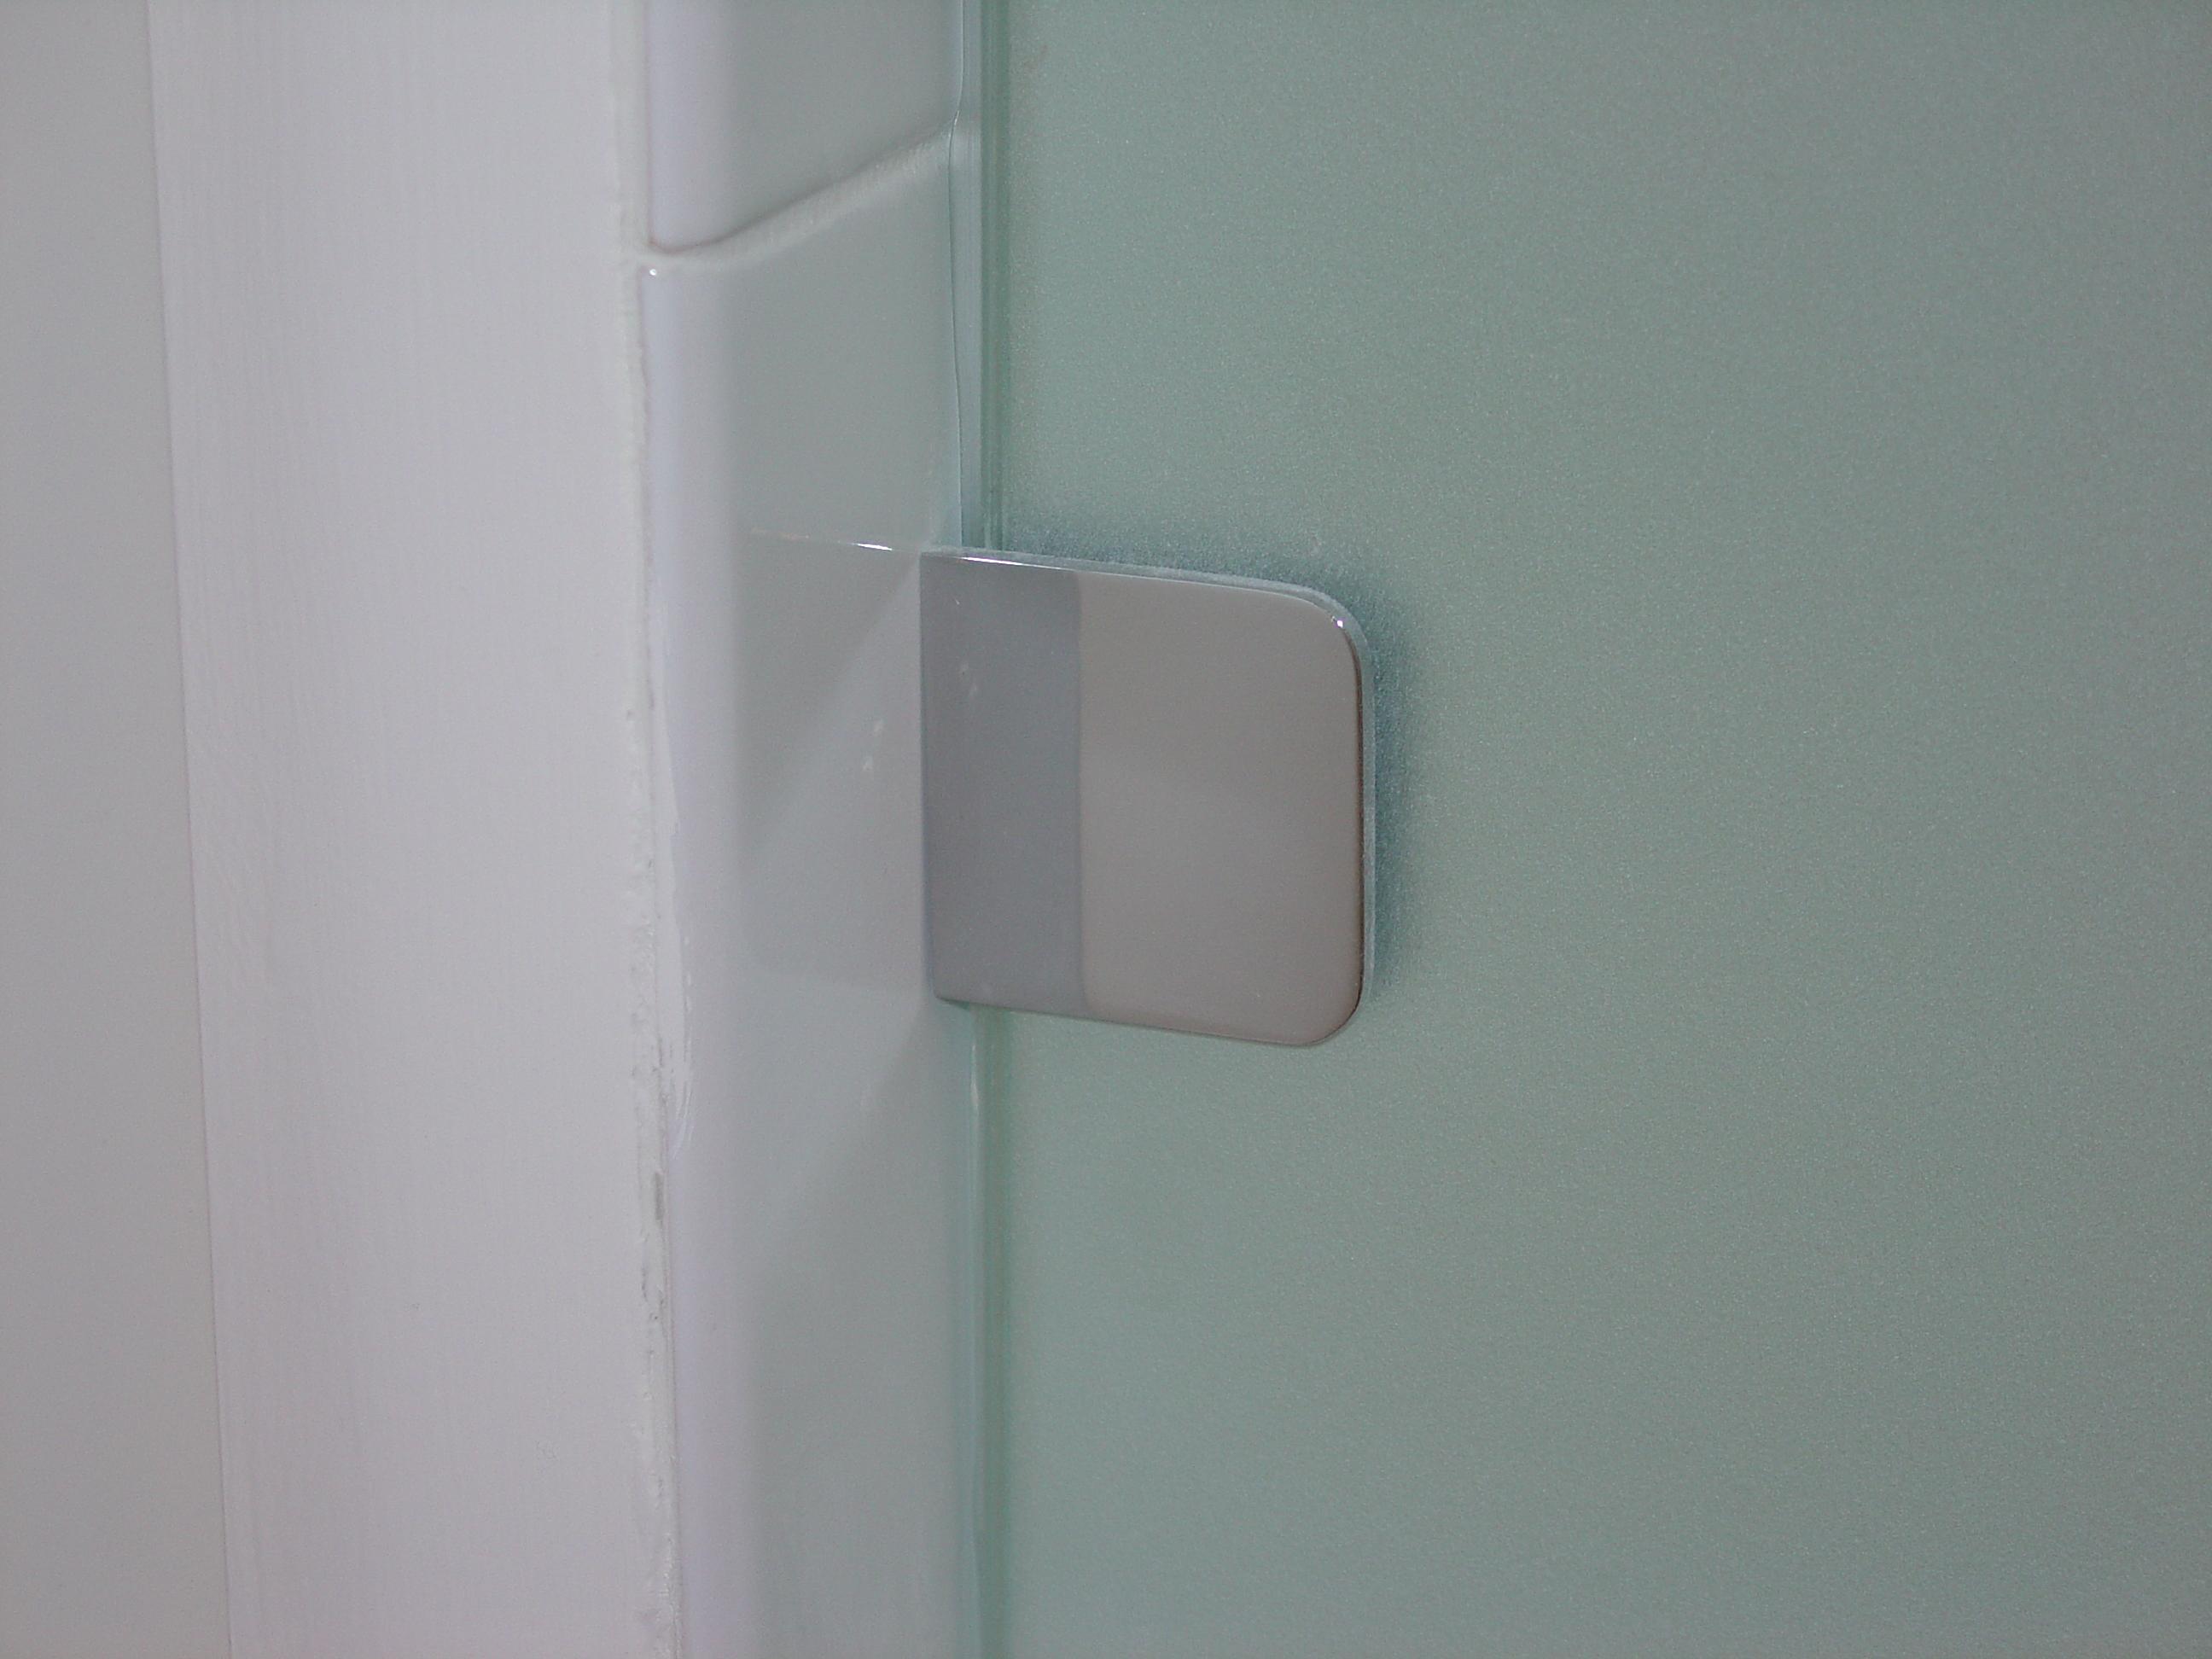 com with pin magnetic sourceabl door handle handles shower catch